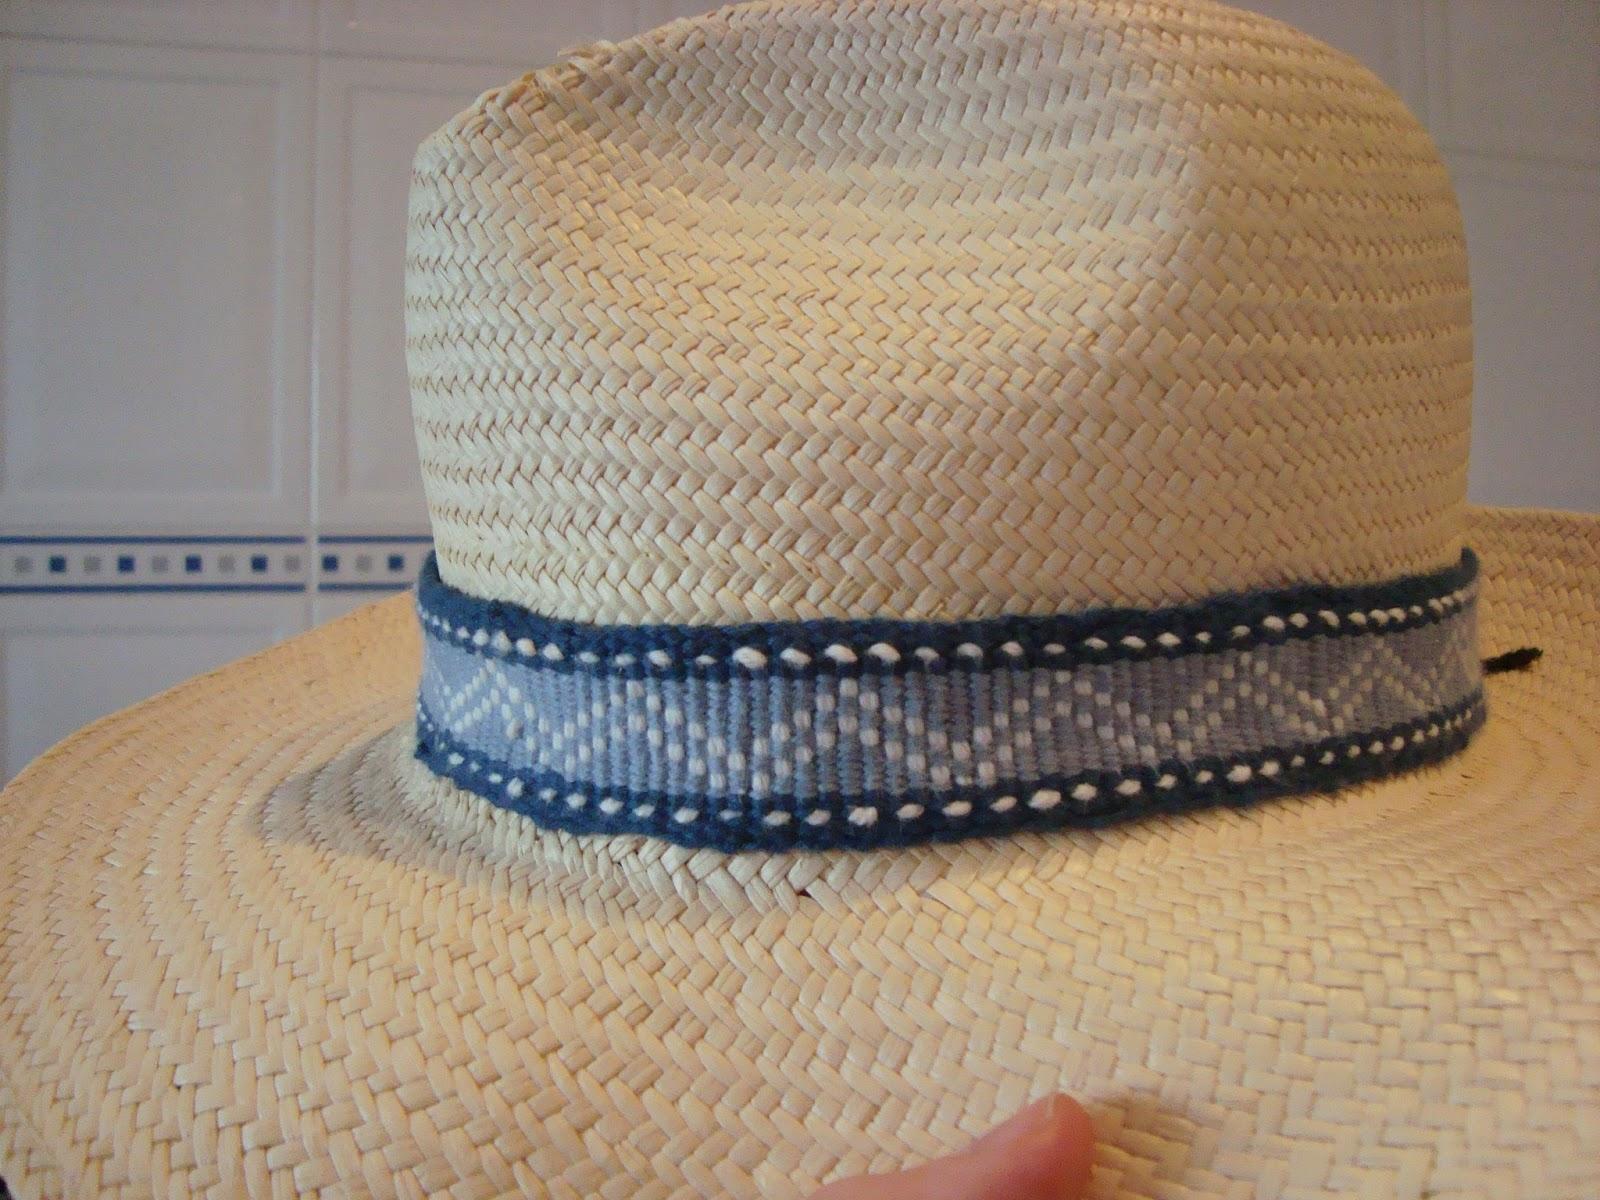 Giosennifer strisce per cappelli tessute a mano sul mio telaio da tavolo rigid heddle loom - Cappelli per lampade da tavolo ...